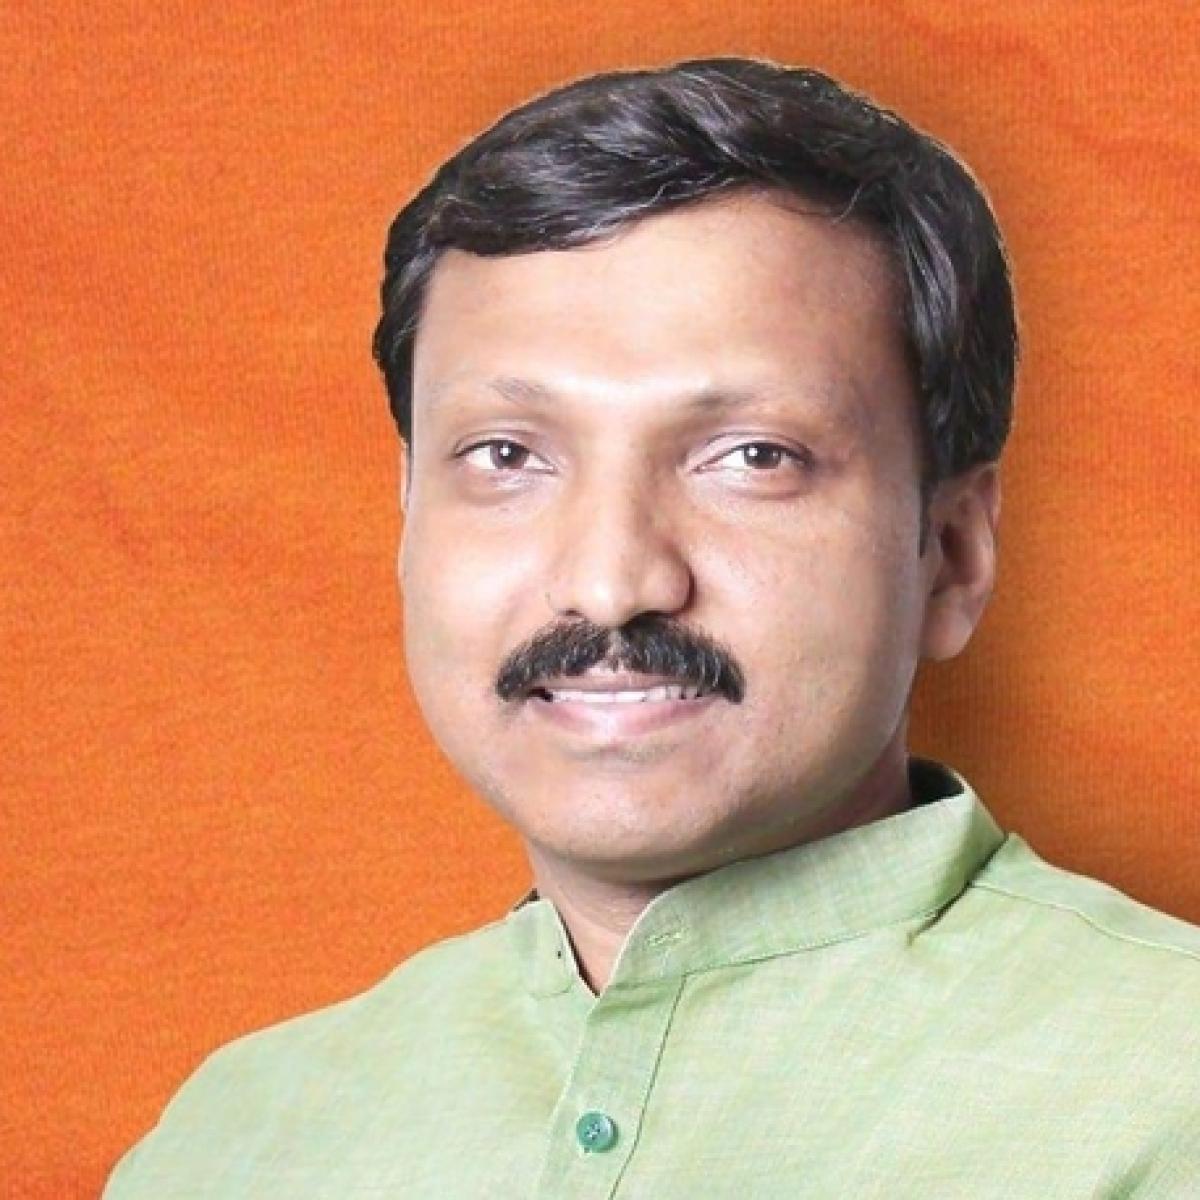 Shiv Sena MP Omraje Nimbalkar injured in attack at poll rally in Maharashtra